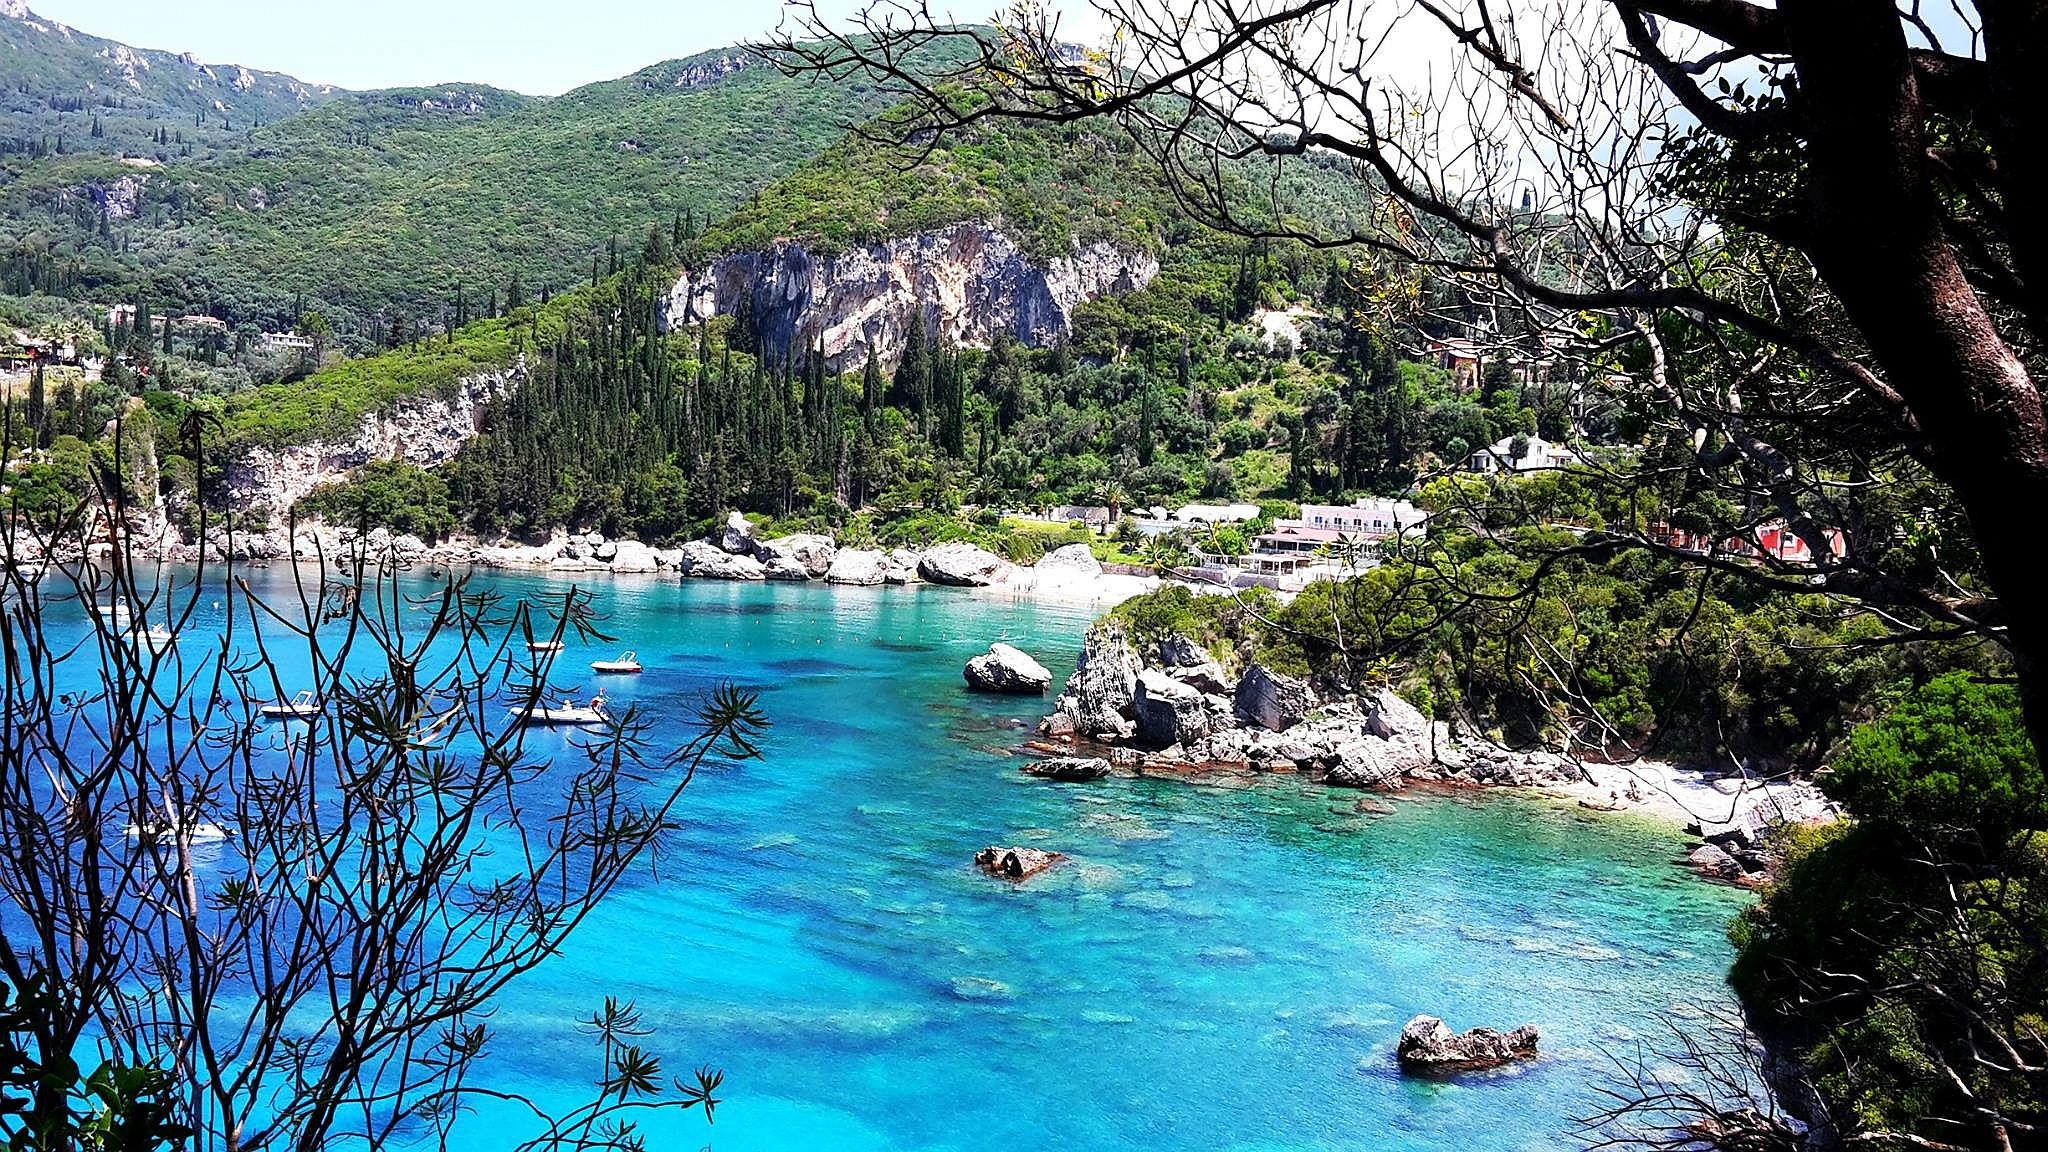 O krásná místa v Řecku prostě není nouze.